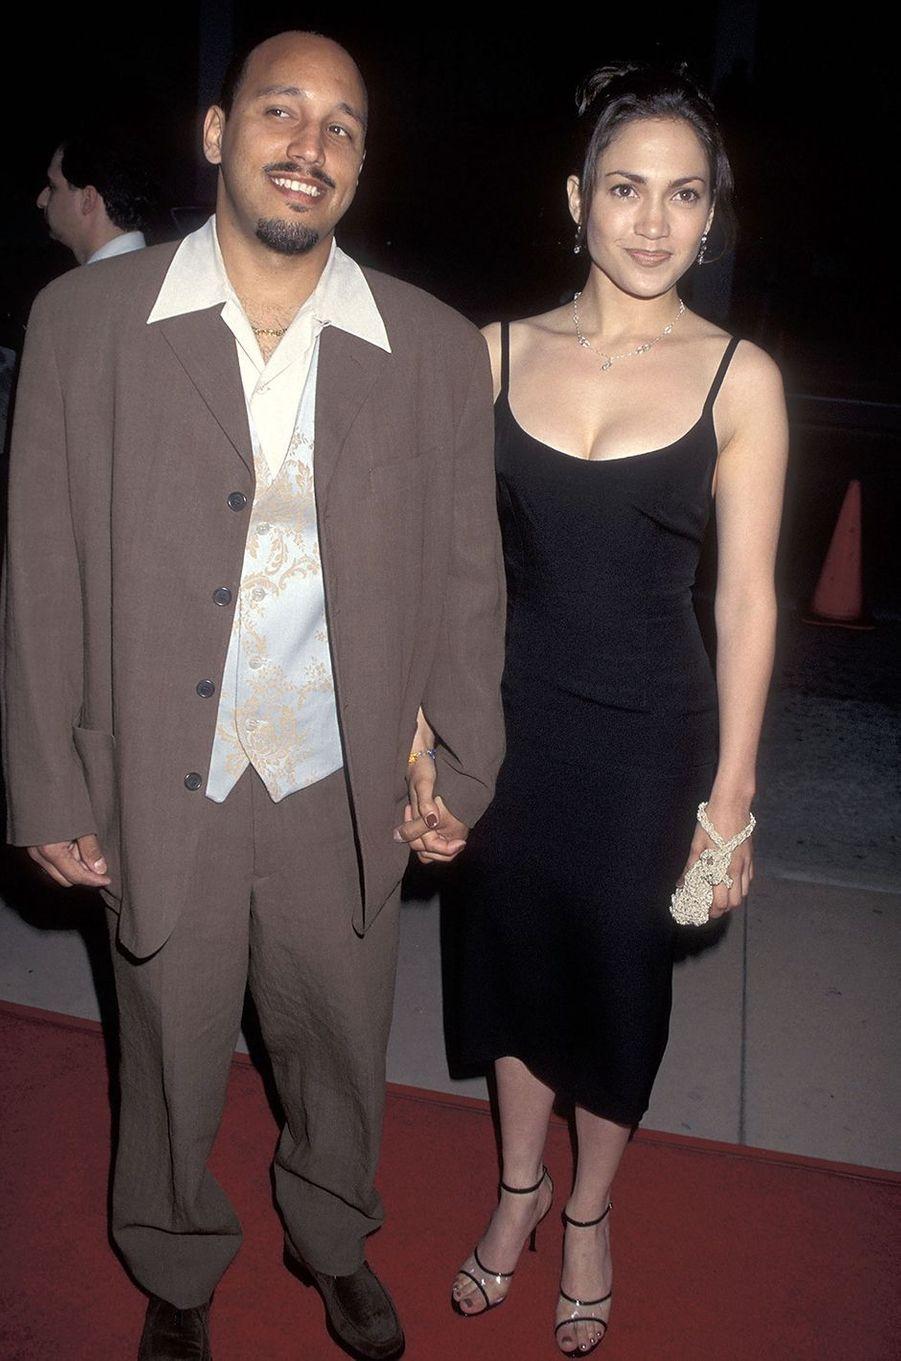 David Cruz et Jennifer Lopez à la première du film «My Family» à Hollywood en avril 1995. Le couple s'est fréquenté pendant plusieurs années entre les années 1980 et 1990.